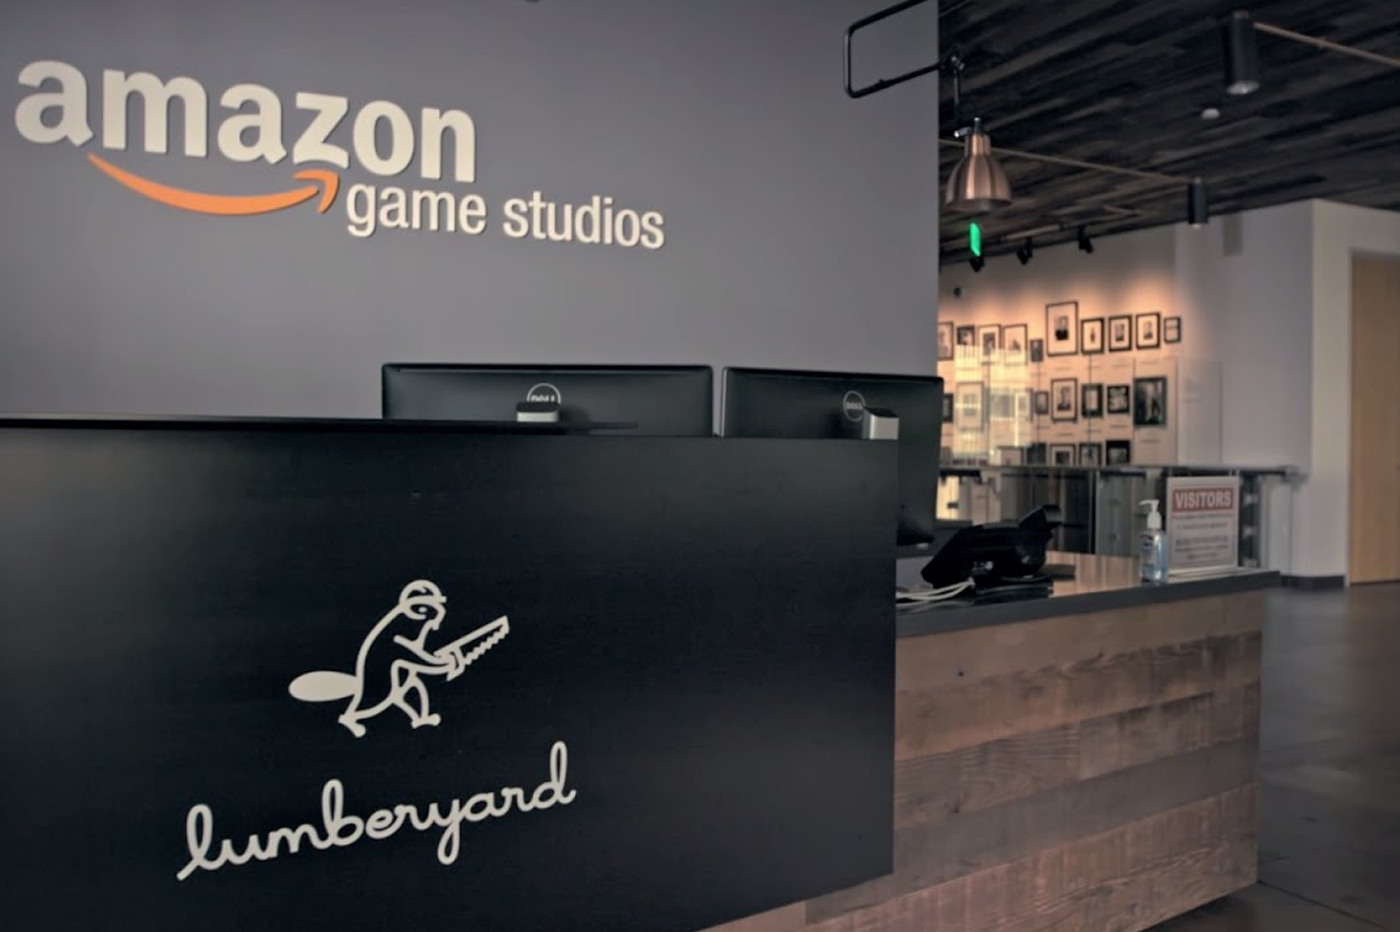 Alors que Google, Sony et Microsoft brillent, la branche gaming d'Amazon est en difficulté